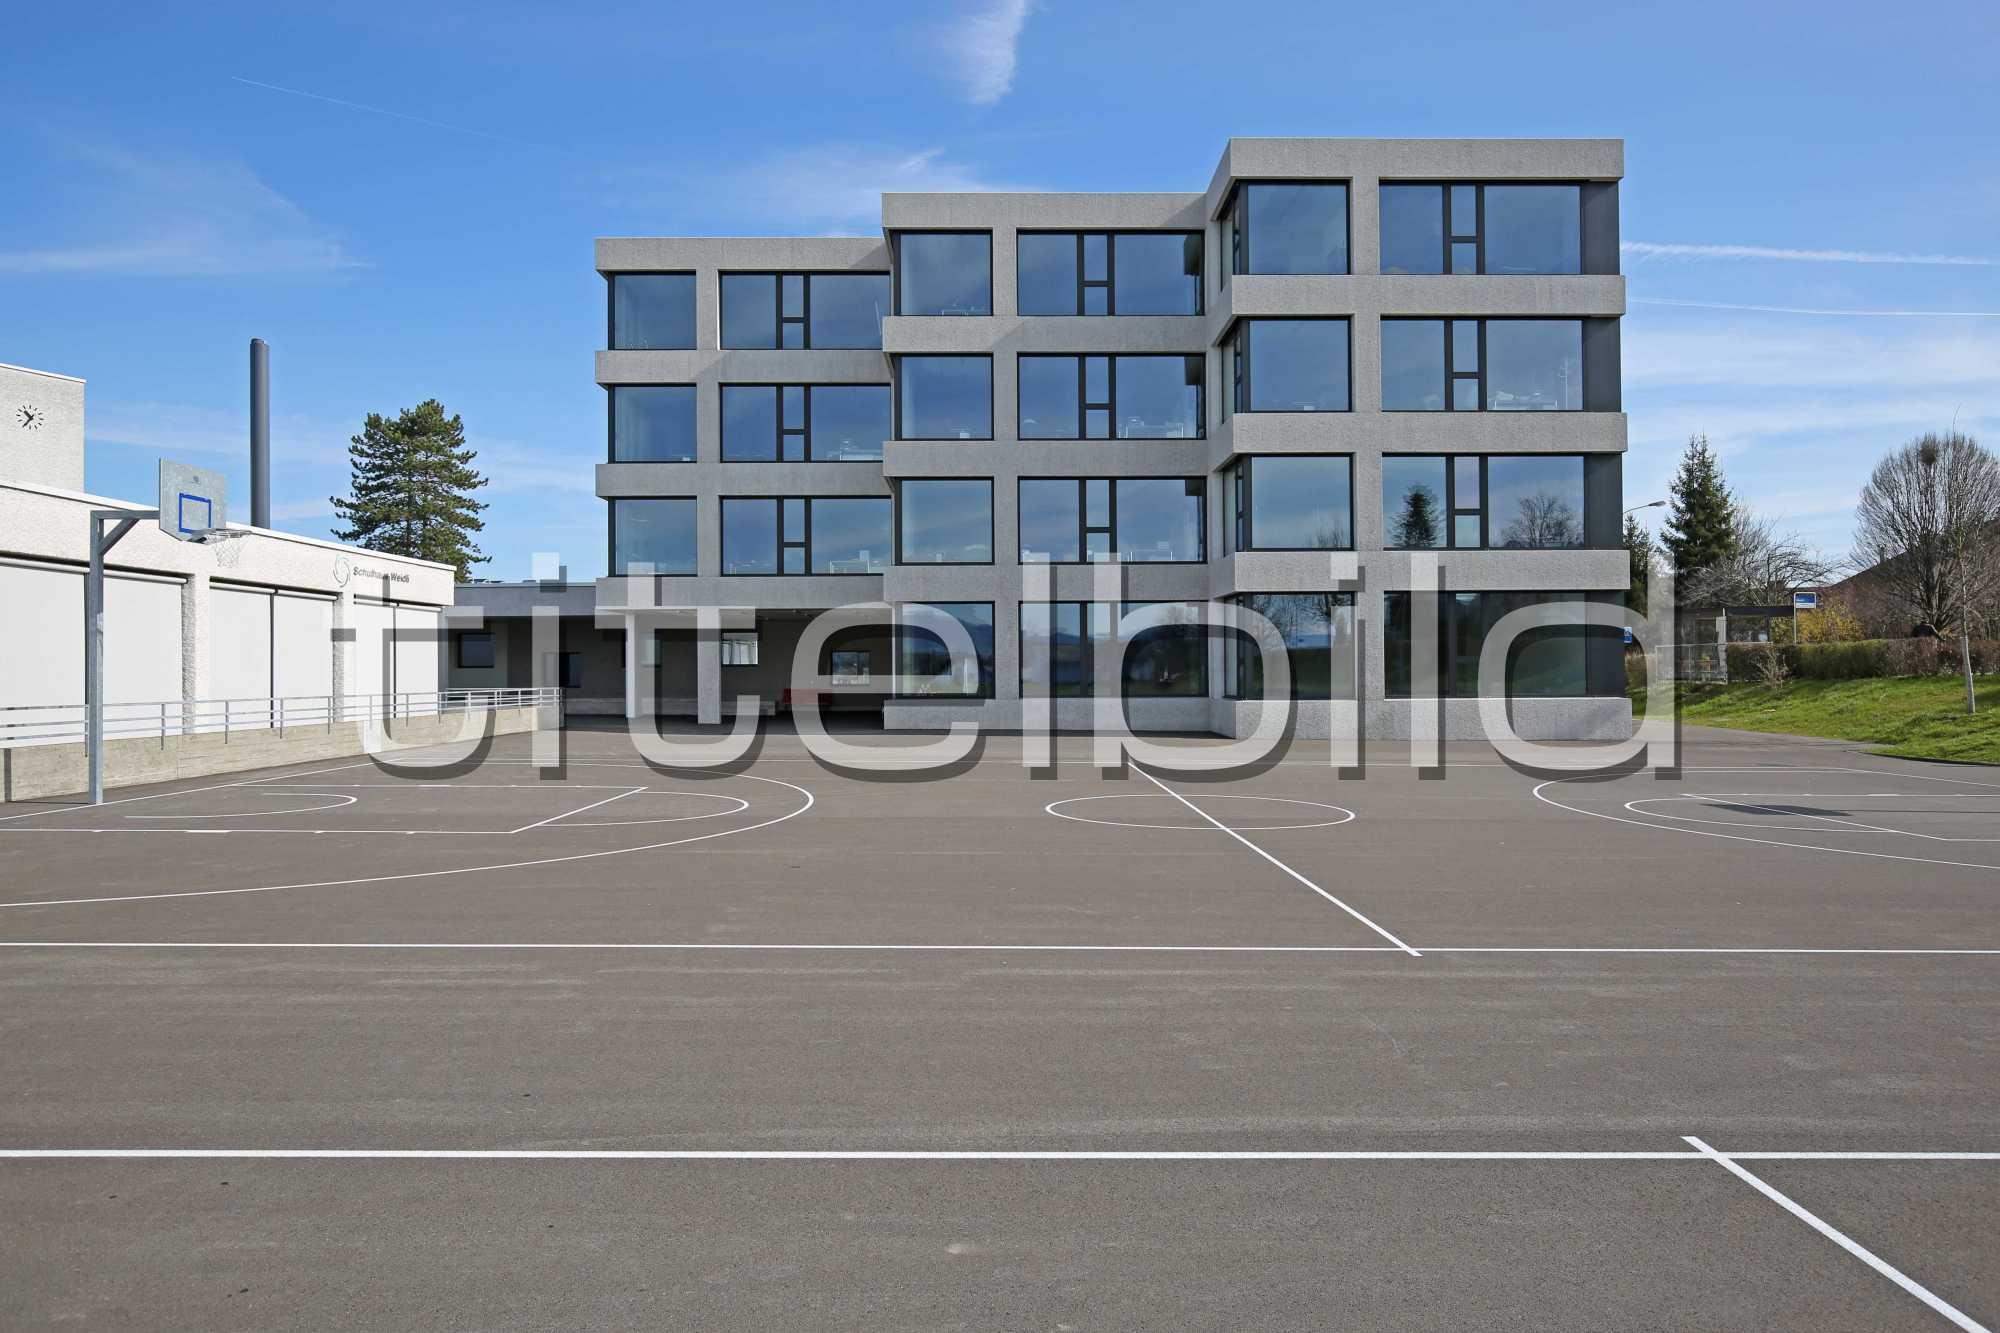 Projektbild-Nr. 2: Erweiterung Schulhaus Weidli